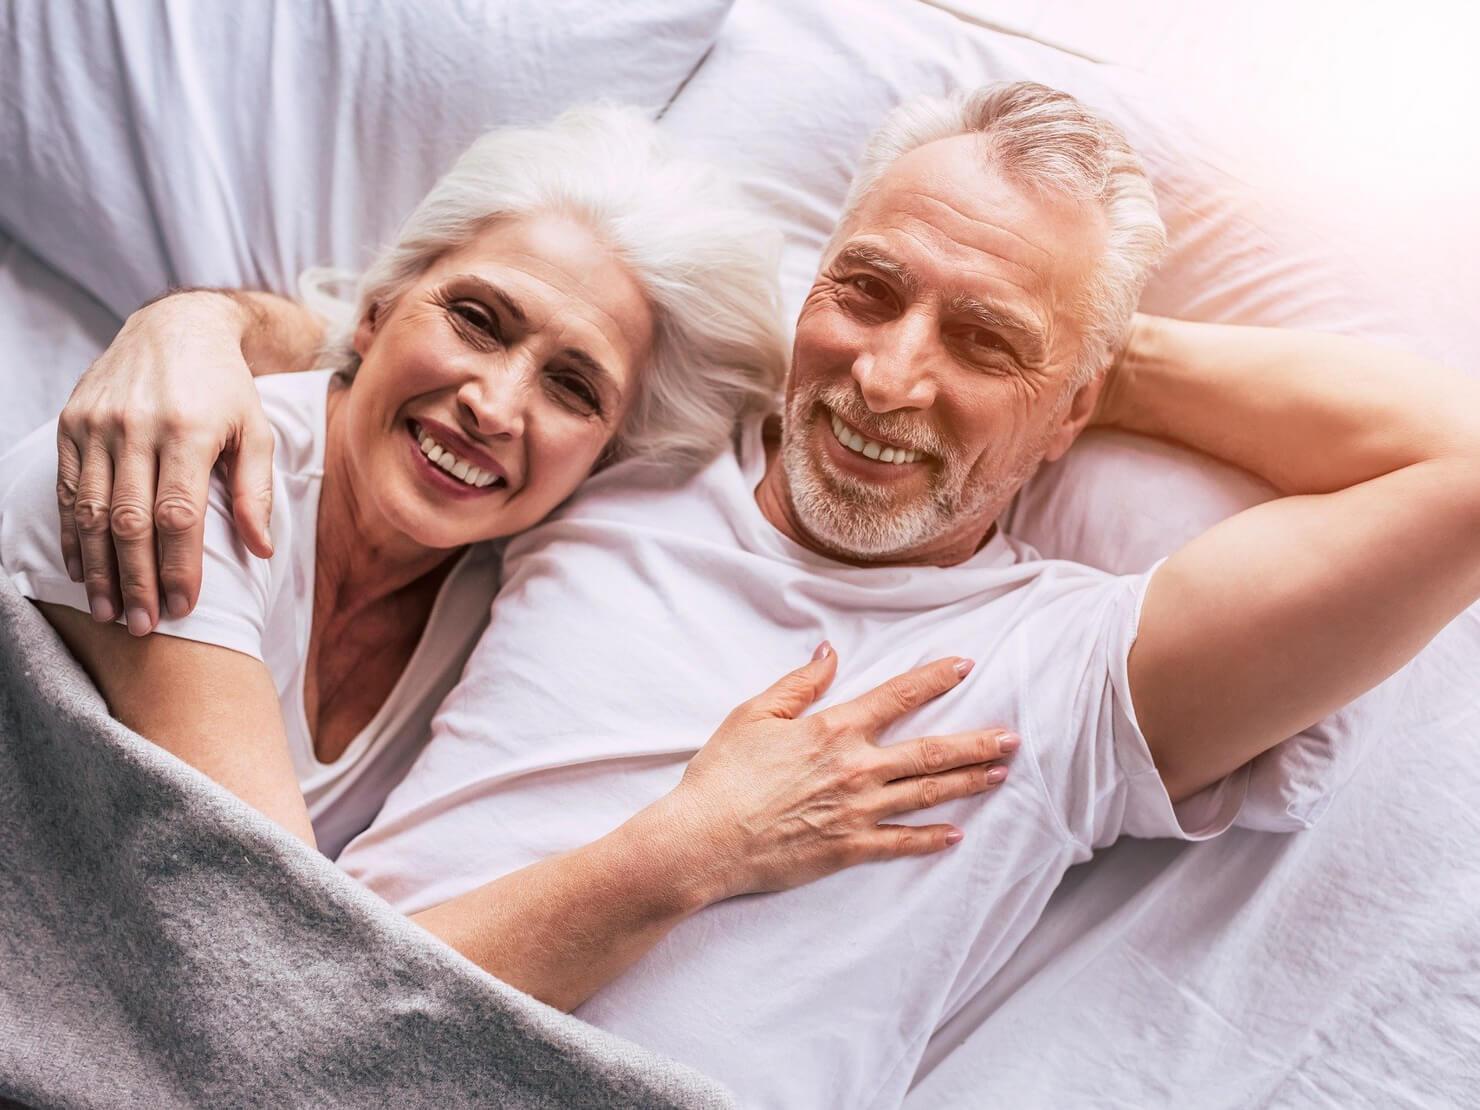 仲が良さそうな熟年夫婦の写真